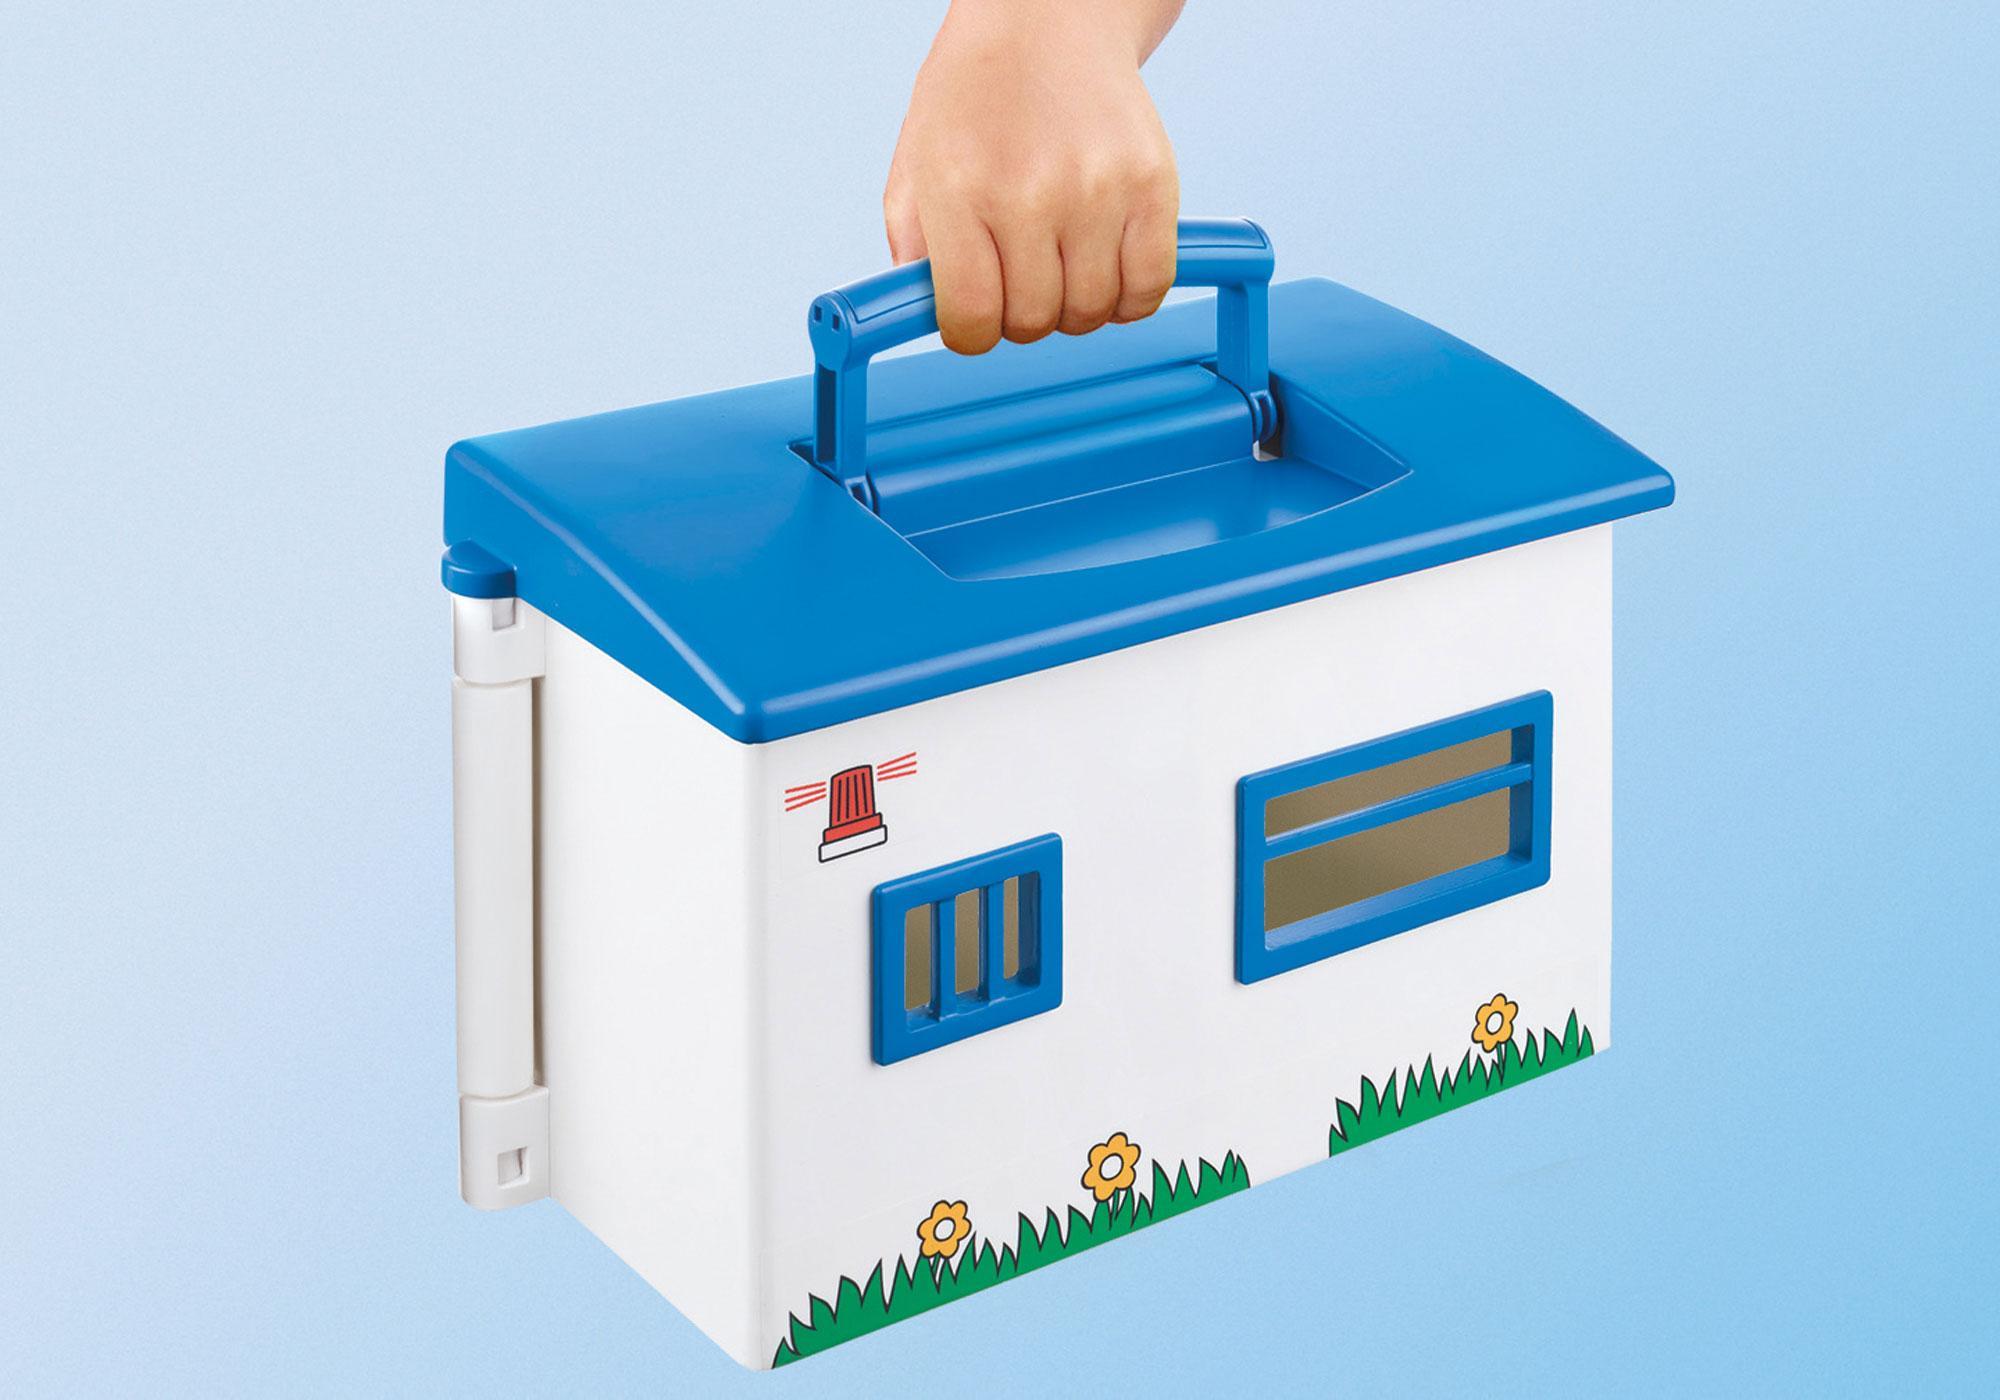 http://media.playmobil.com/i/playmobil/9382_product_extra3/1.2.3 Maleta Esquadra da Polícia